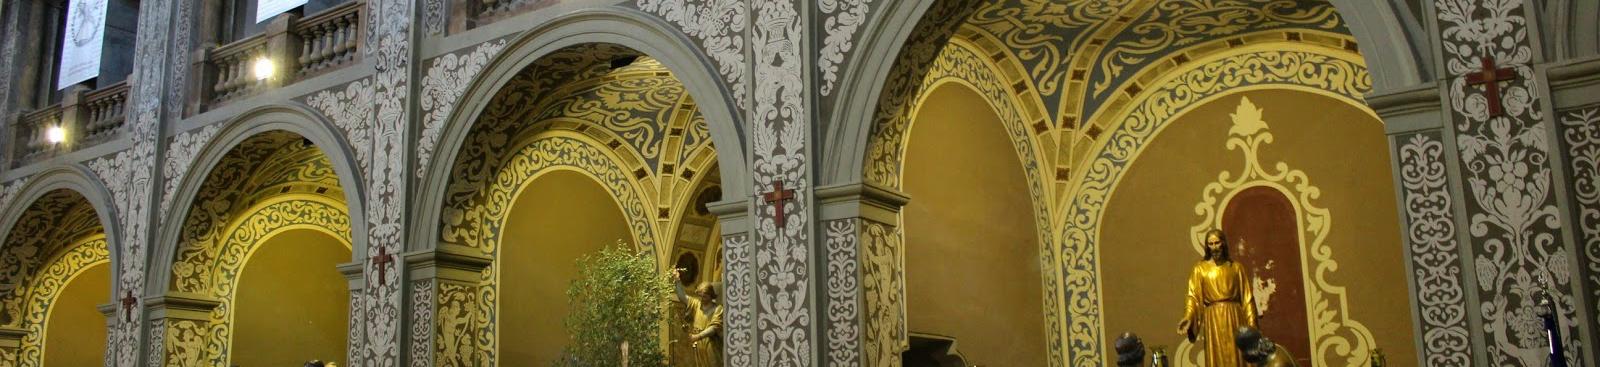 Església de sant Agusti. Interior